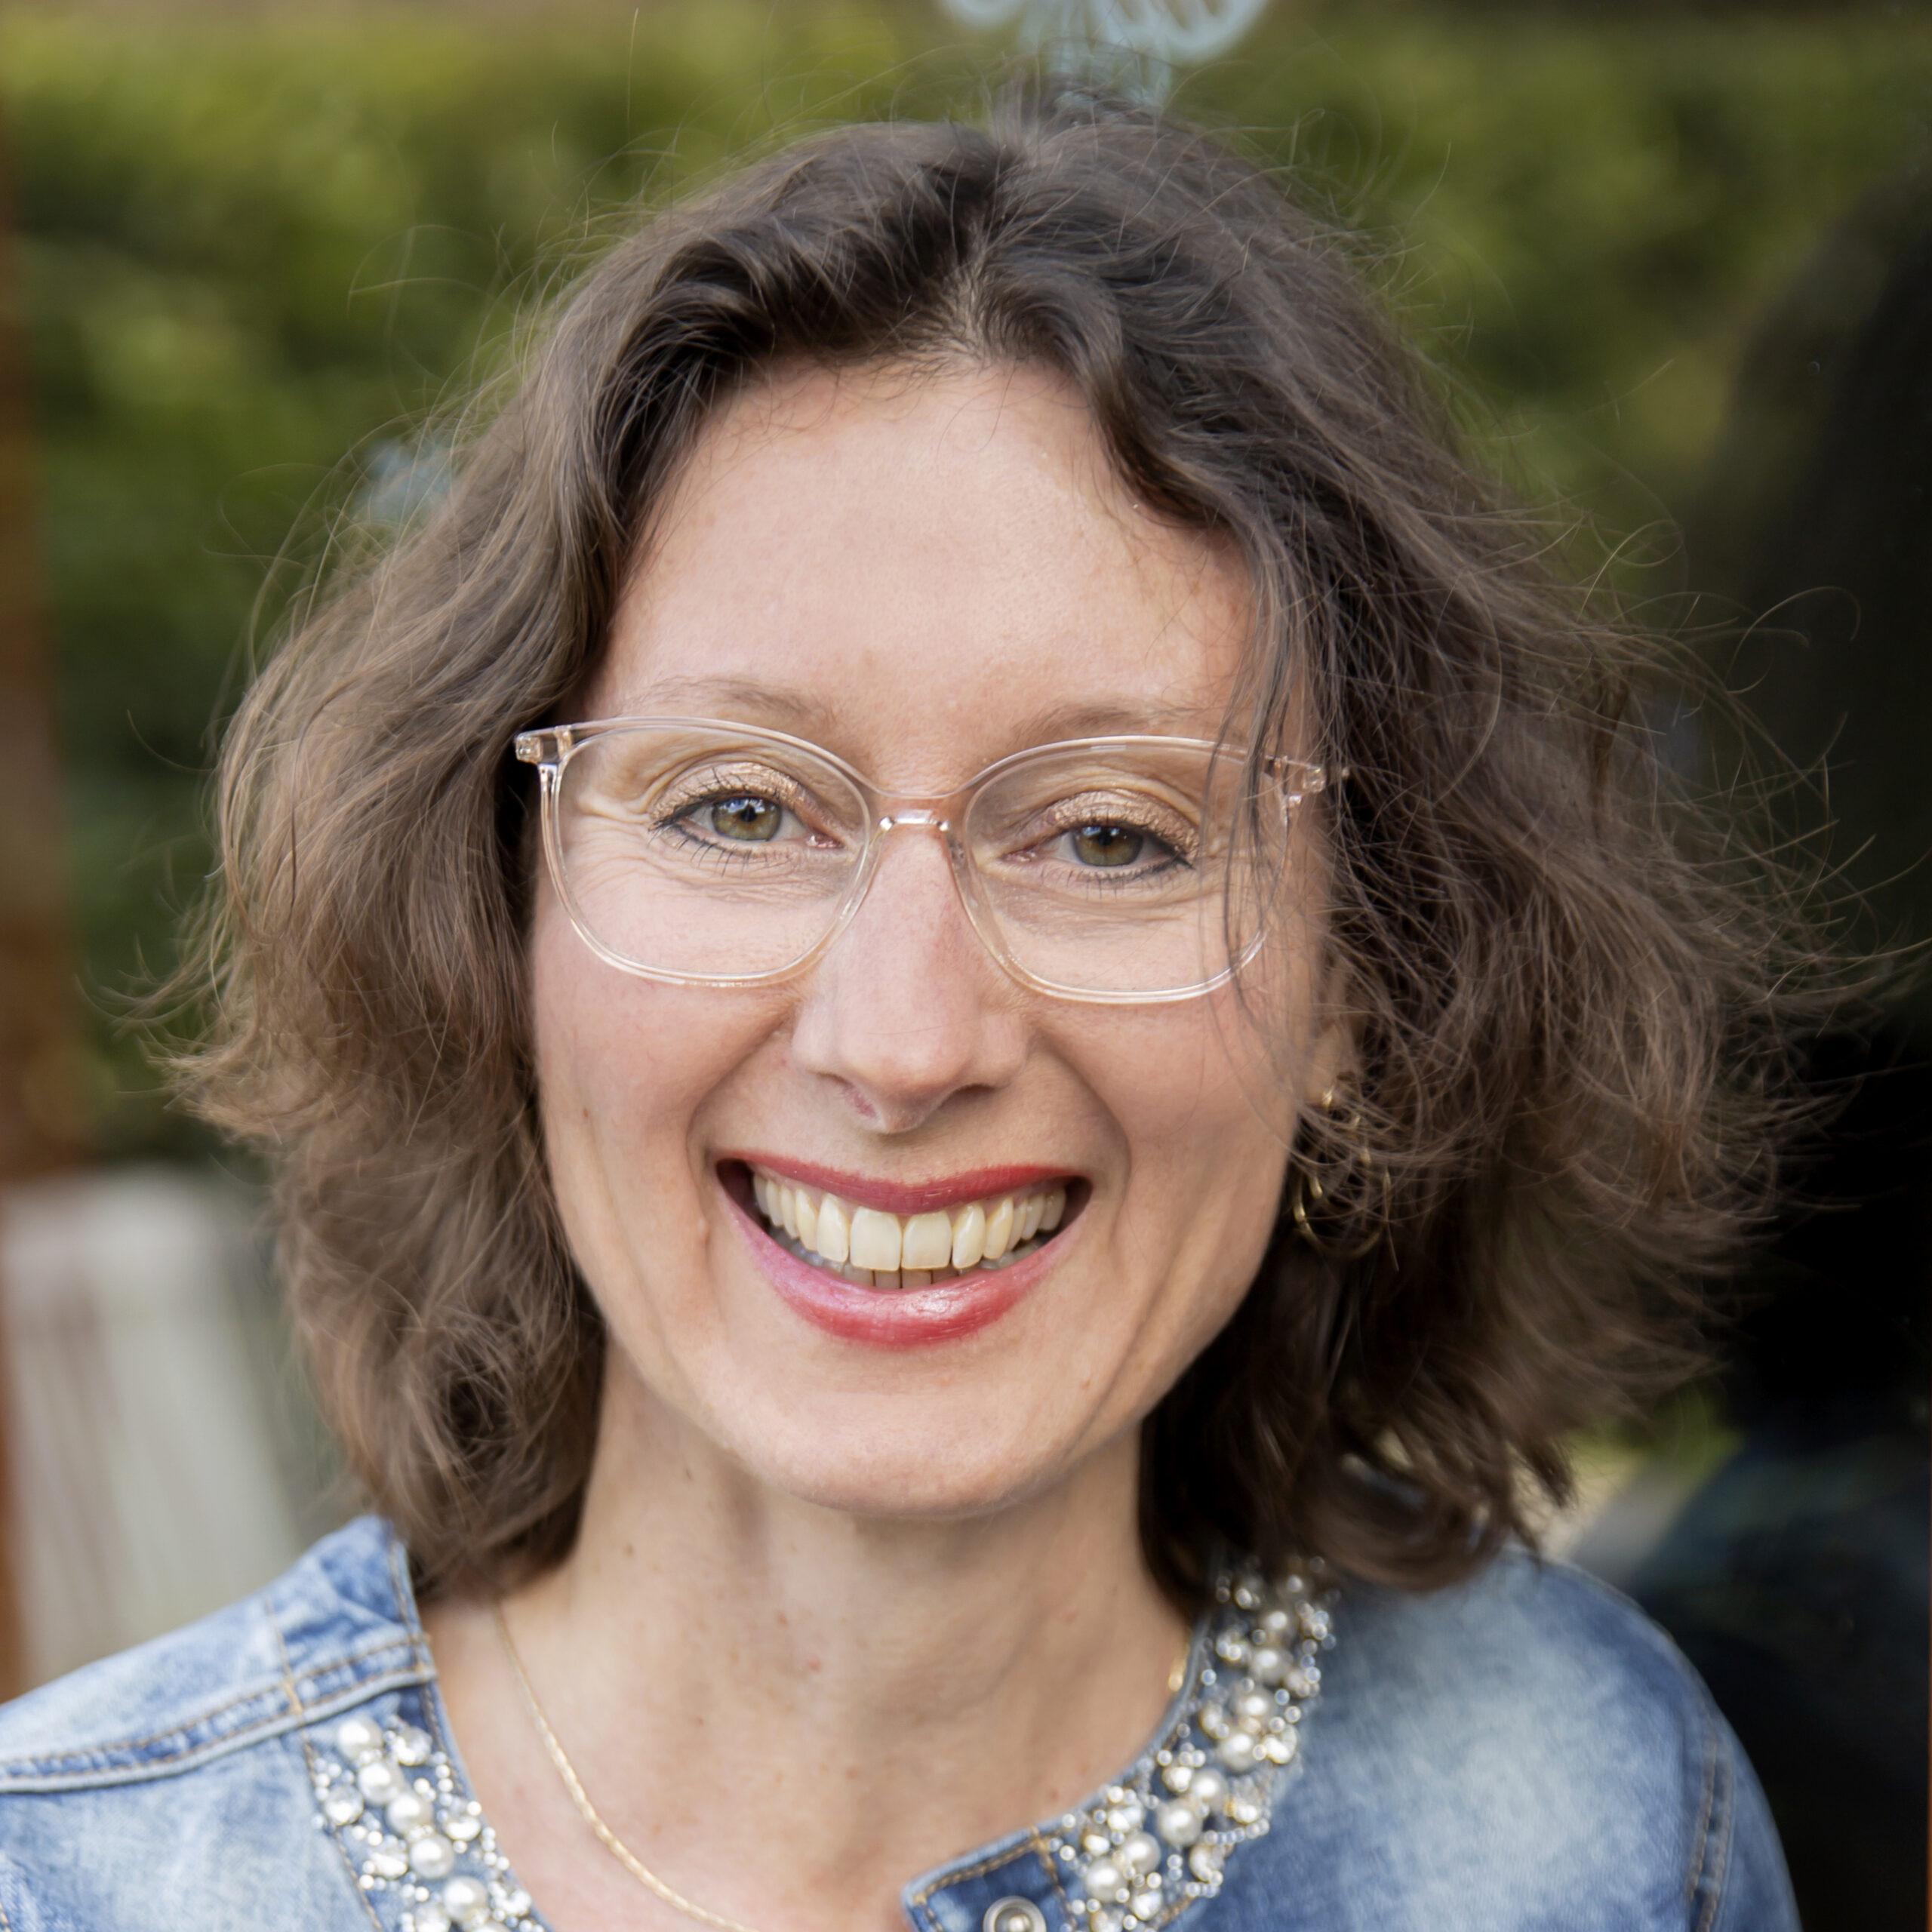 Marije Akkerman